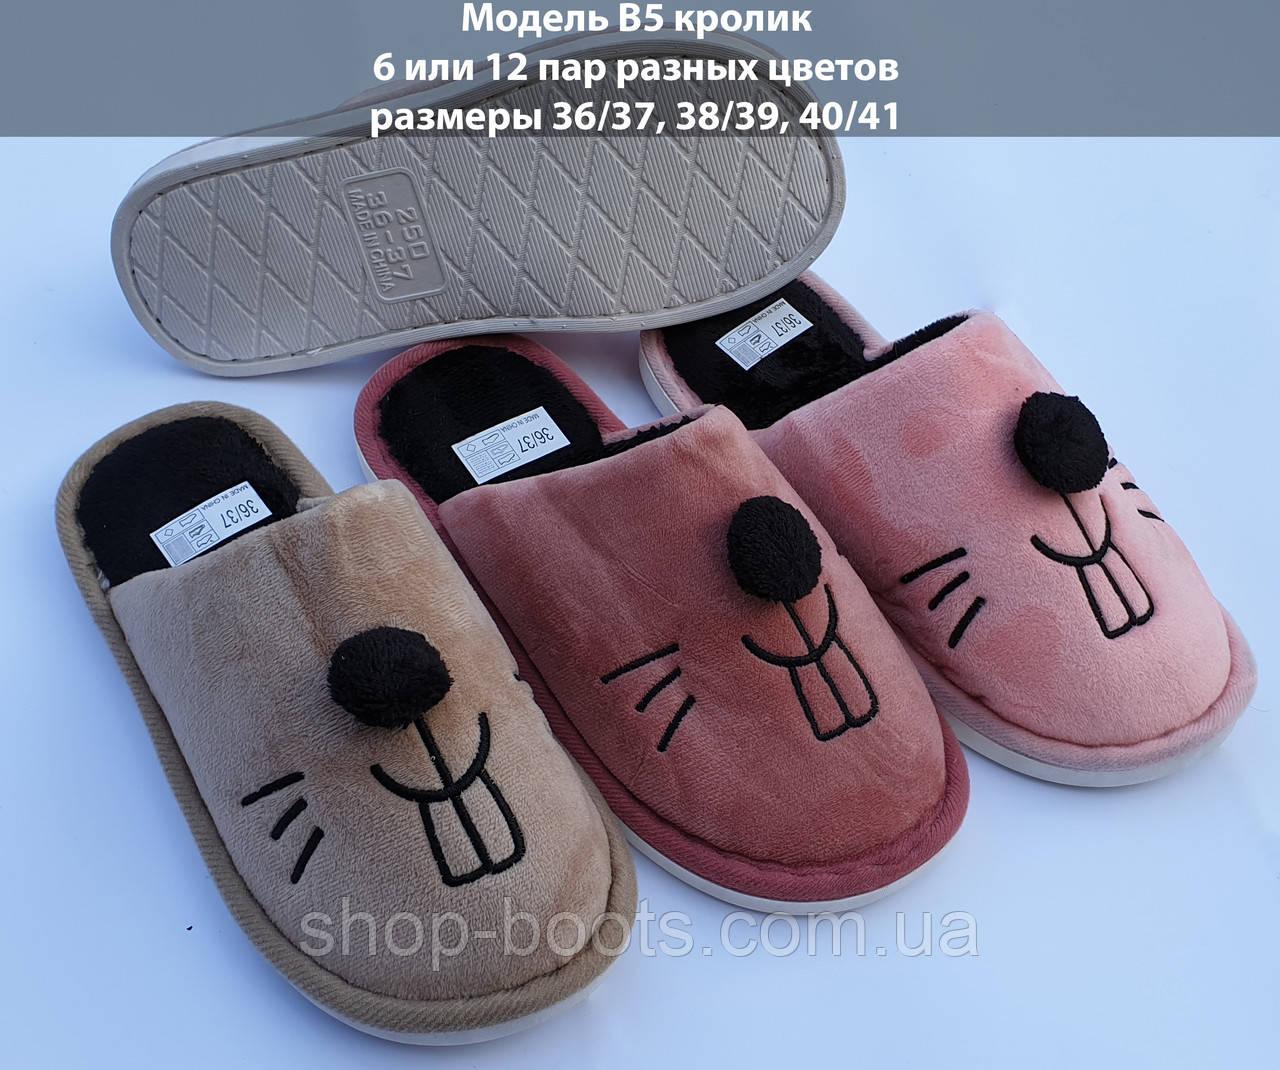 Жіночі тапочки оптом. 36-41рр. Модель тапочки В5 кролик